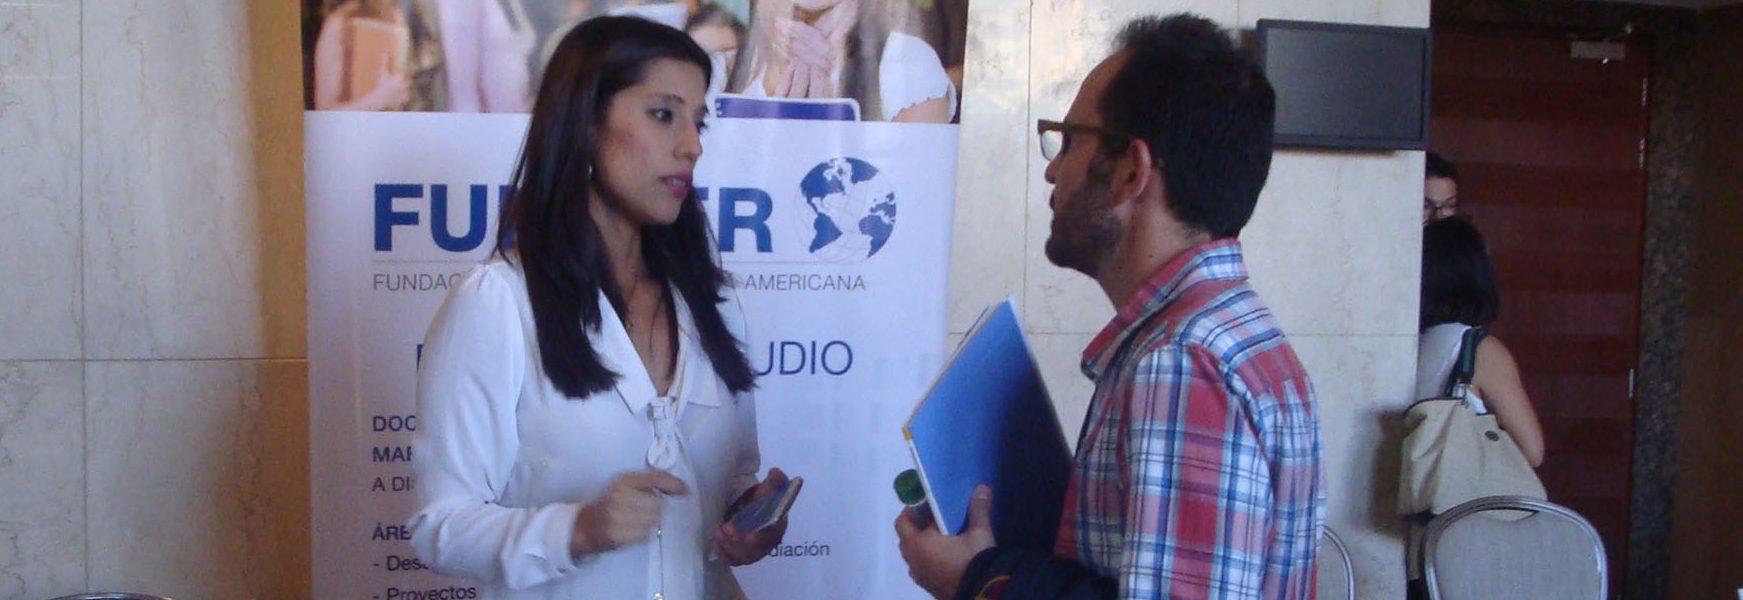 Concluye con éxito la participación de FUNIBER en la Feria de postgrados de Top Universities en Colombia